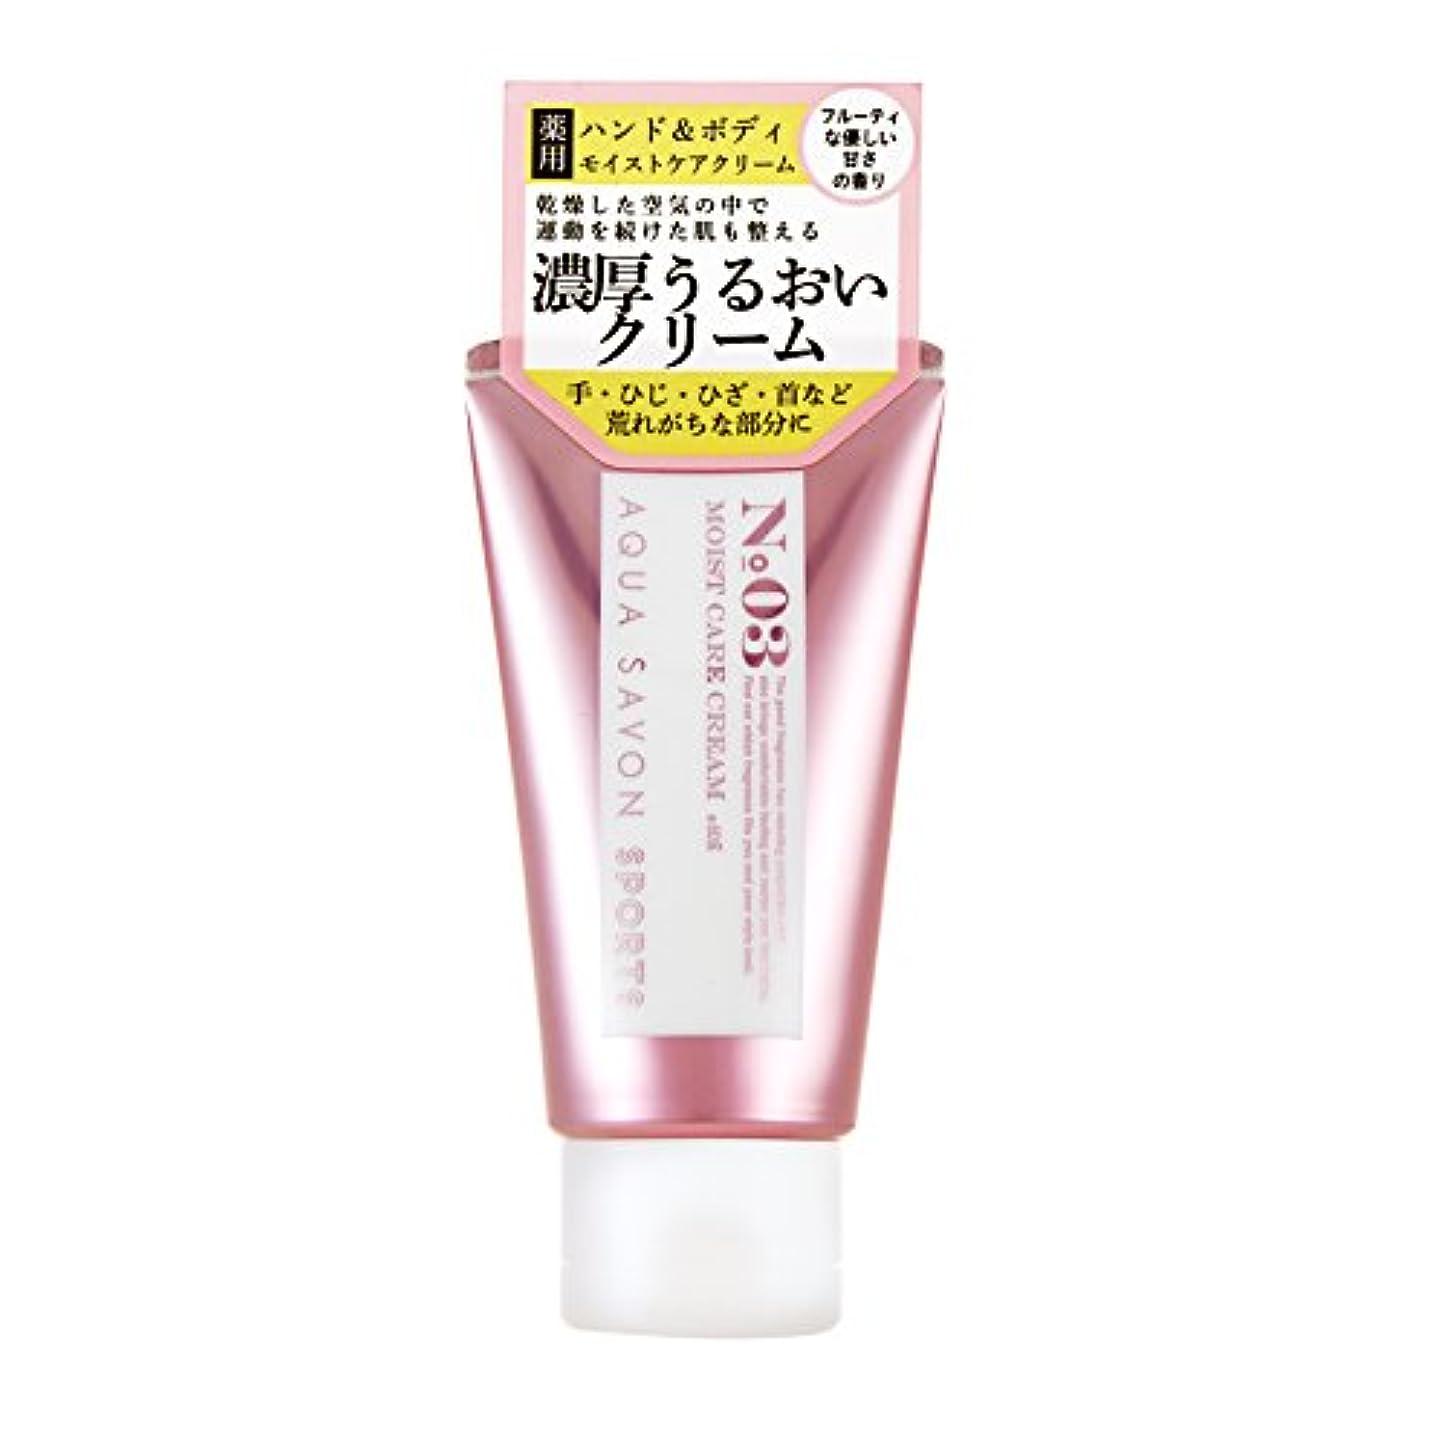 カテナ銀火炎アクアシャボンスポーツ ハンド&ボディ モイストケアクリーム NO.3 60g